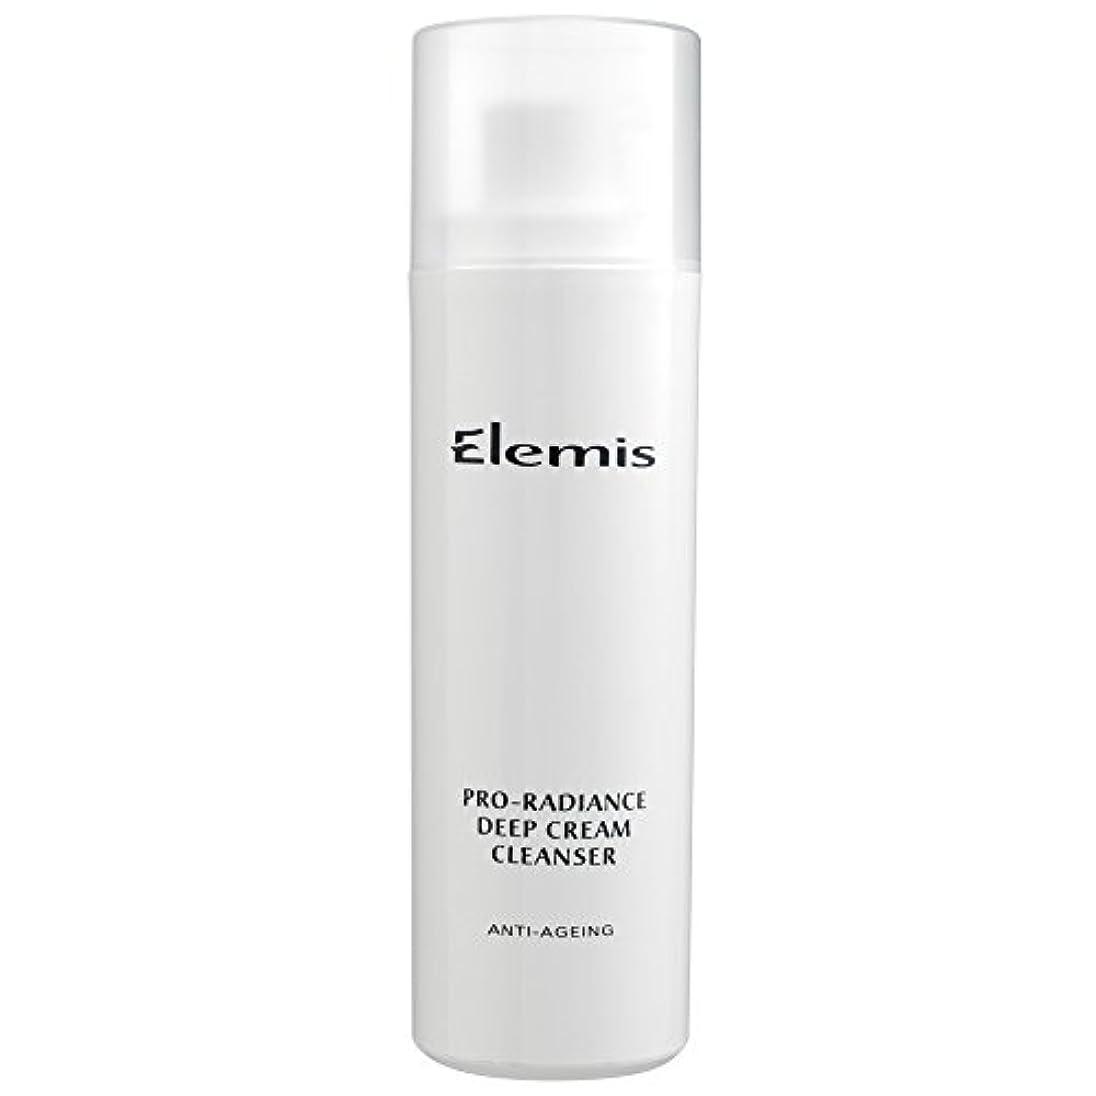 シソーラスピア困難エレミスプロ輝きクリームクレンザー、150ミリリットル (Elemis) (x6) - Elemis Pro-Radiance Cream Cleanser, 150ml (Pack of 6) [並行輸入品]